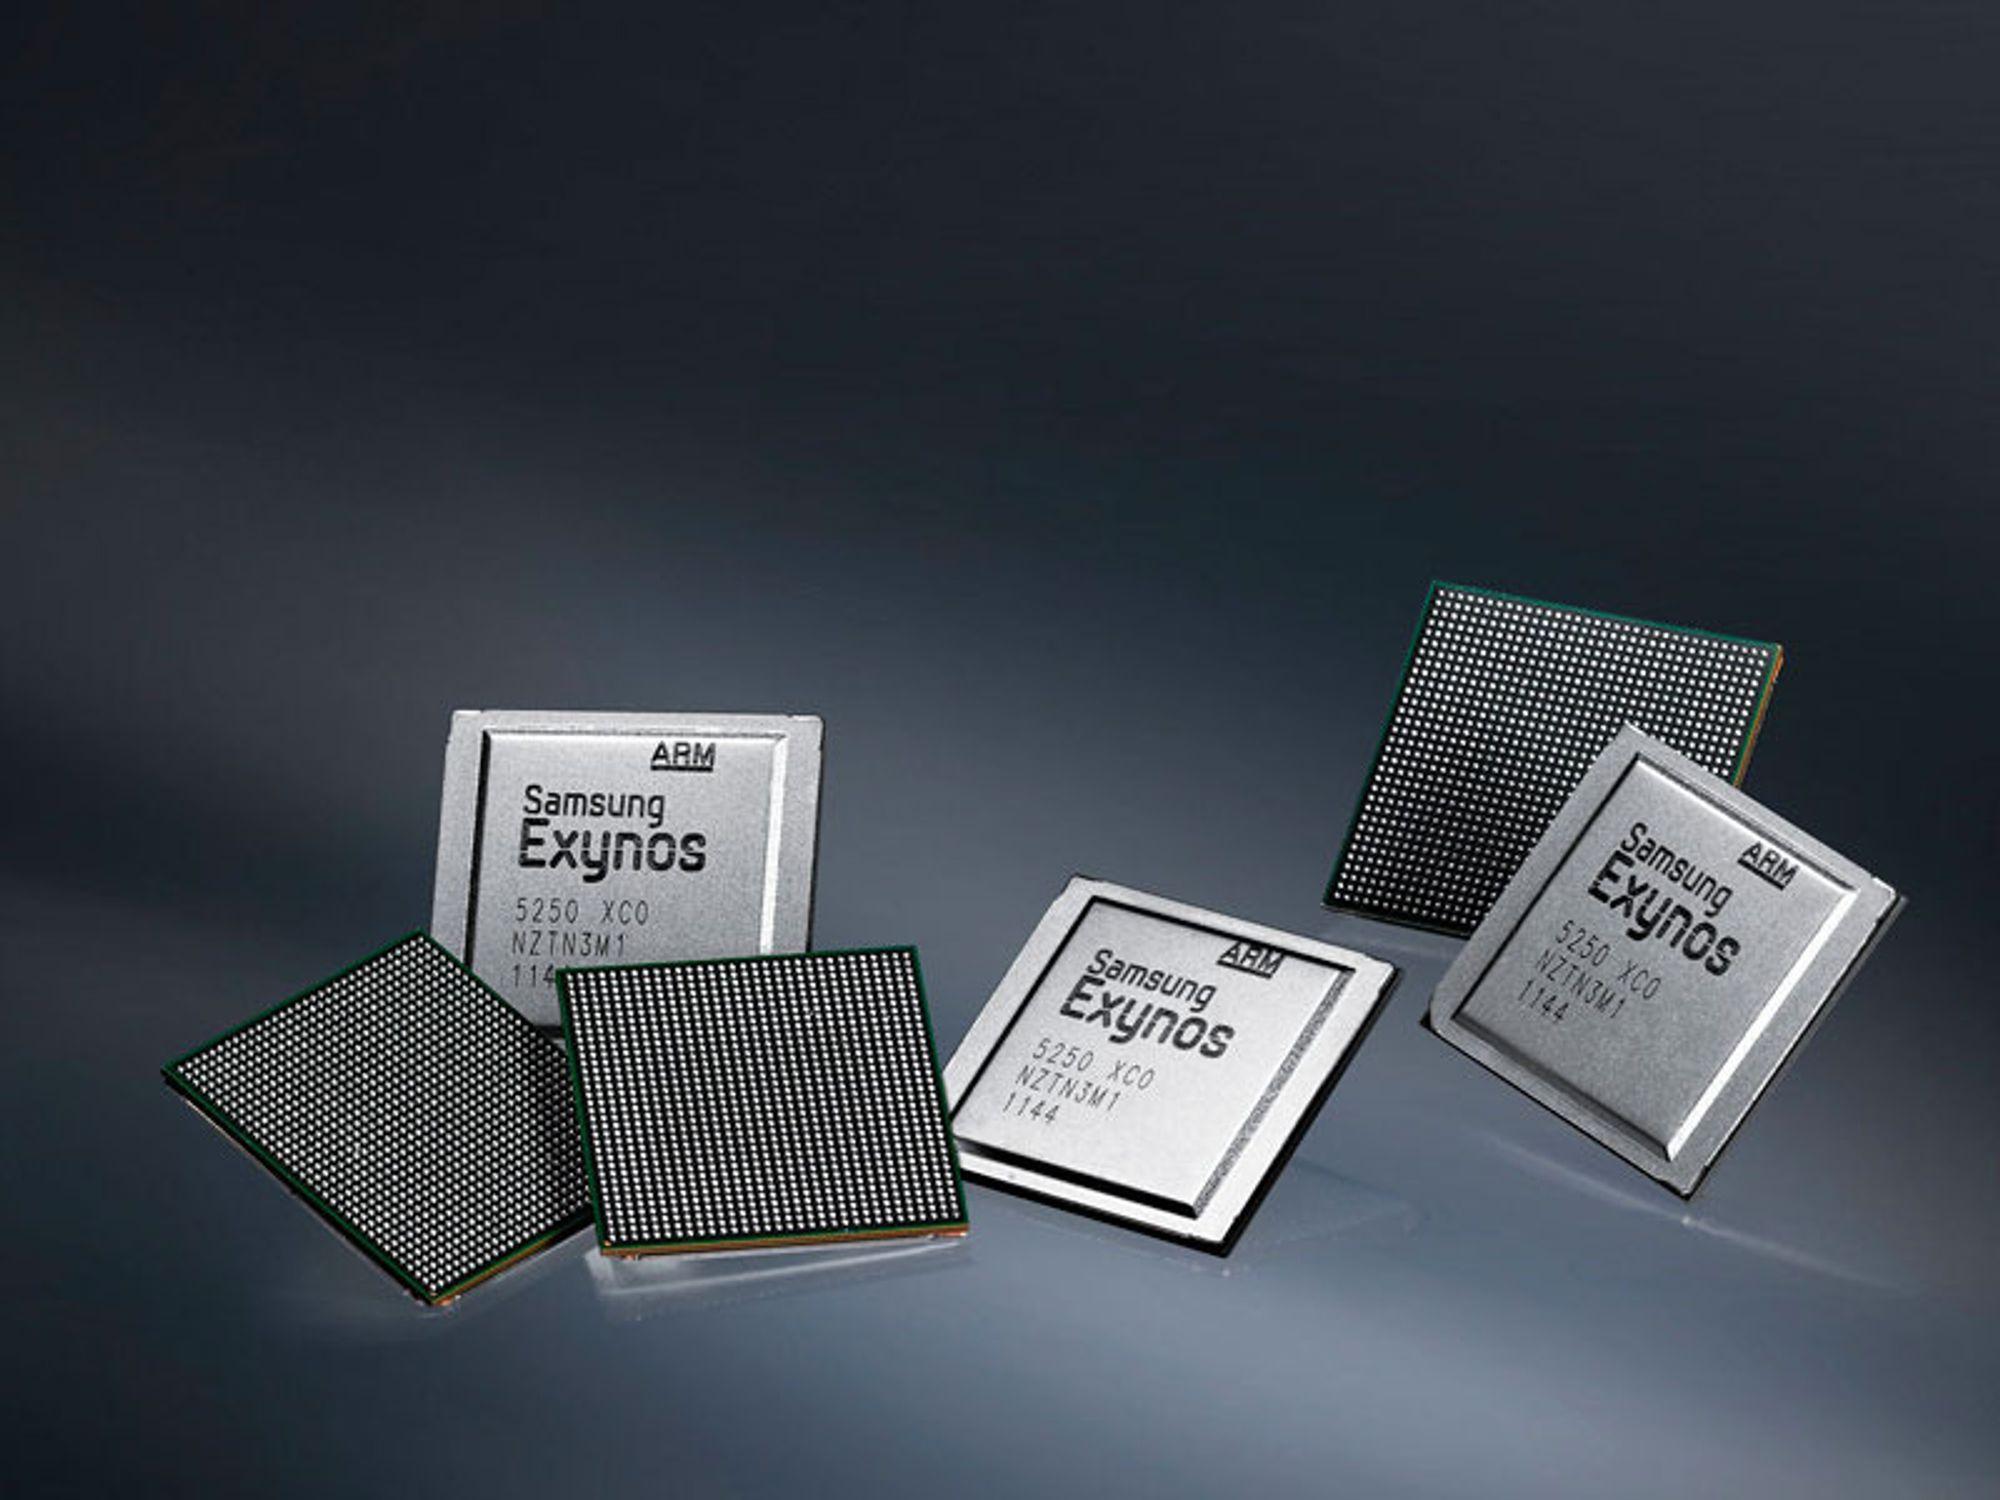 Samsung kjøper chip-utvikler